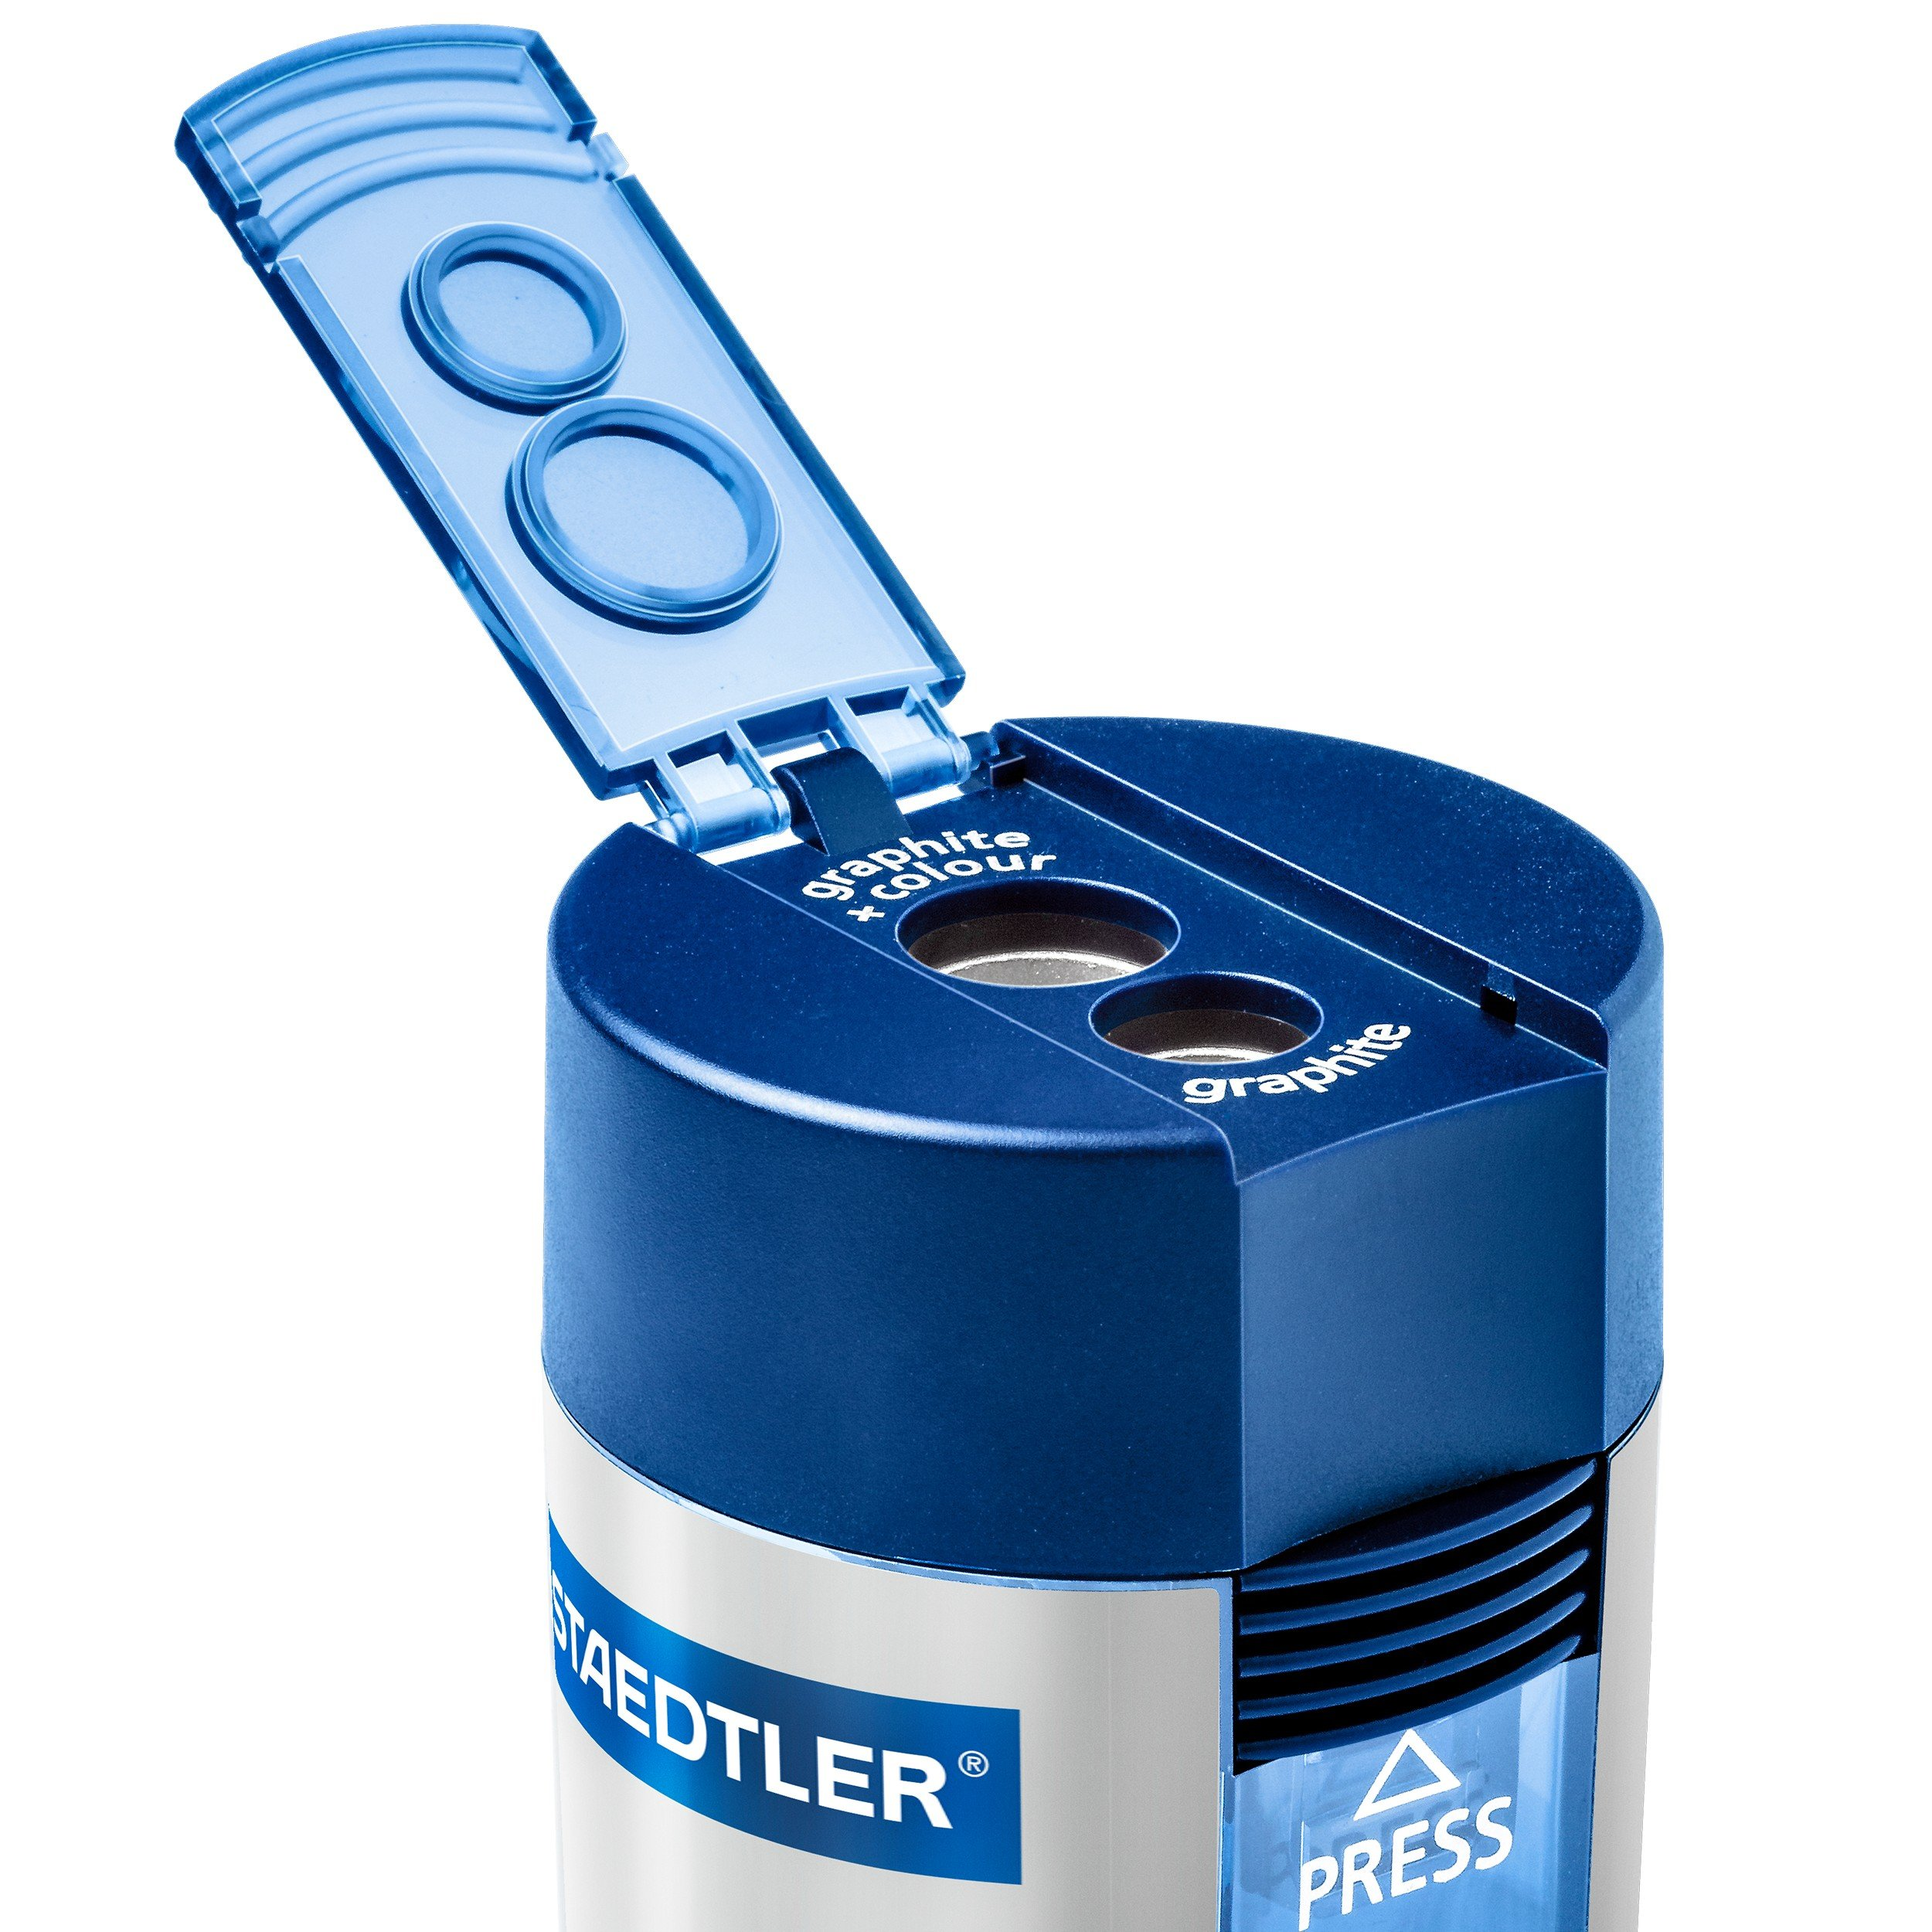 Staedtler 512 001 ST Double-hole Tub Pencil Sharpener by Staedtler (Image #2)